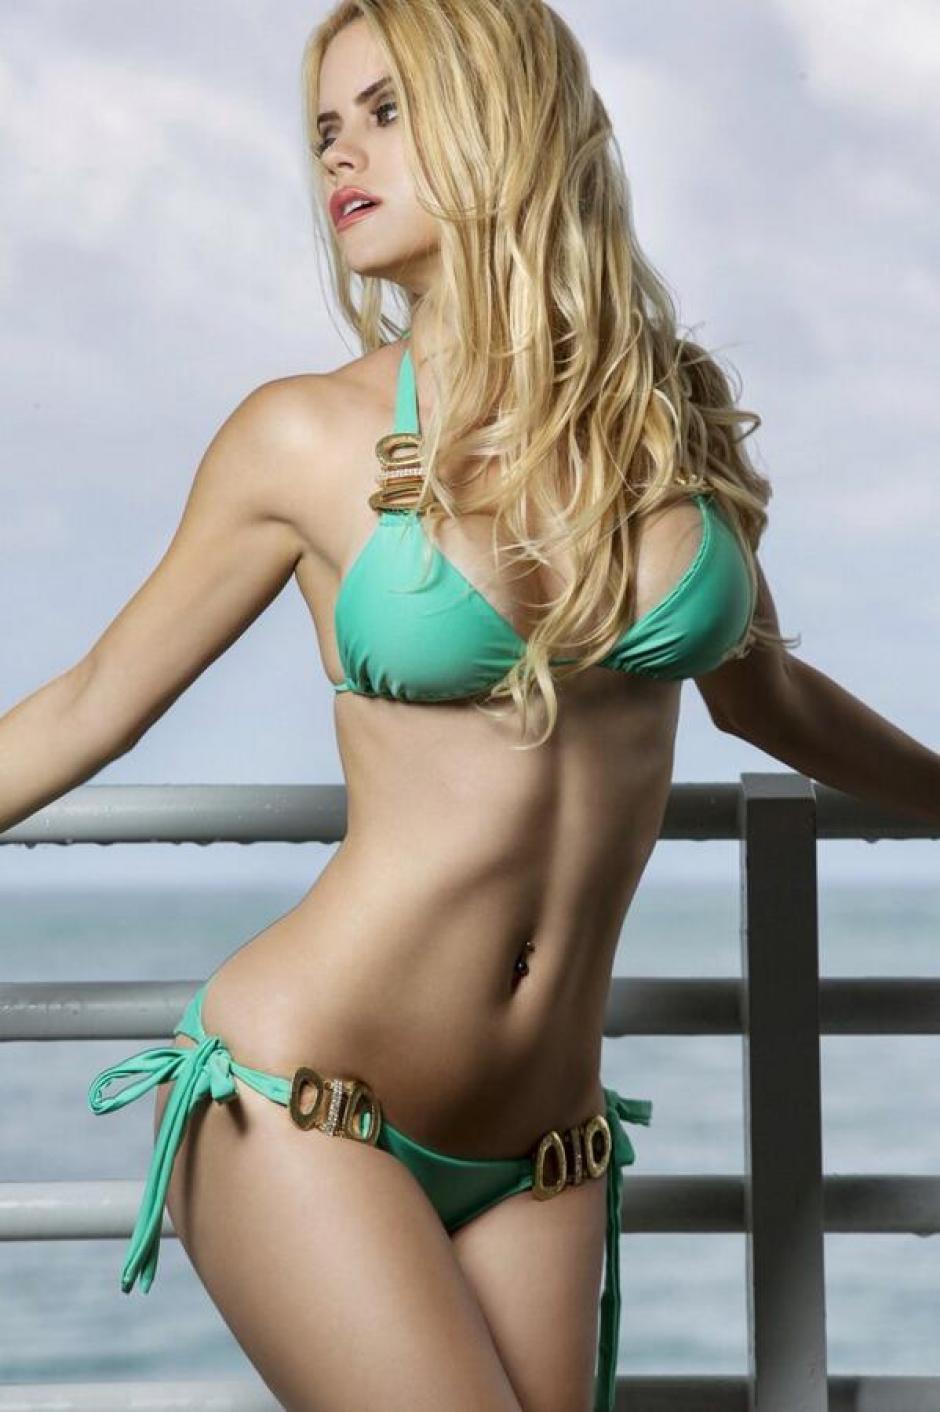 La modelo utilizaba las tarjetas para hacer compras al por mayor y las volvía a vendía a través de su página. (Foto: www.excelsior.com.mx)